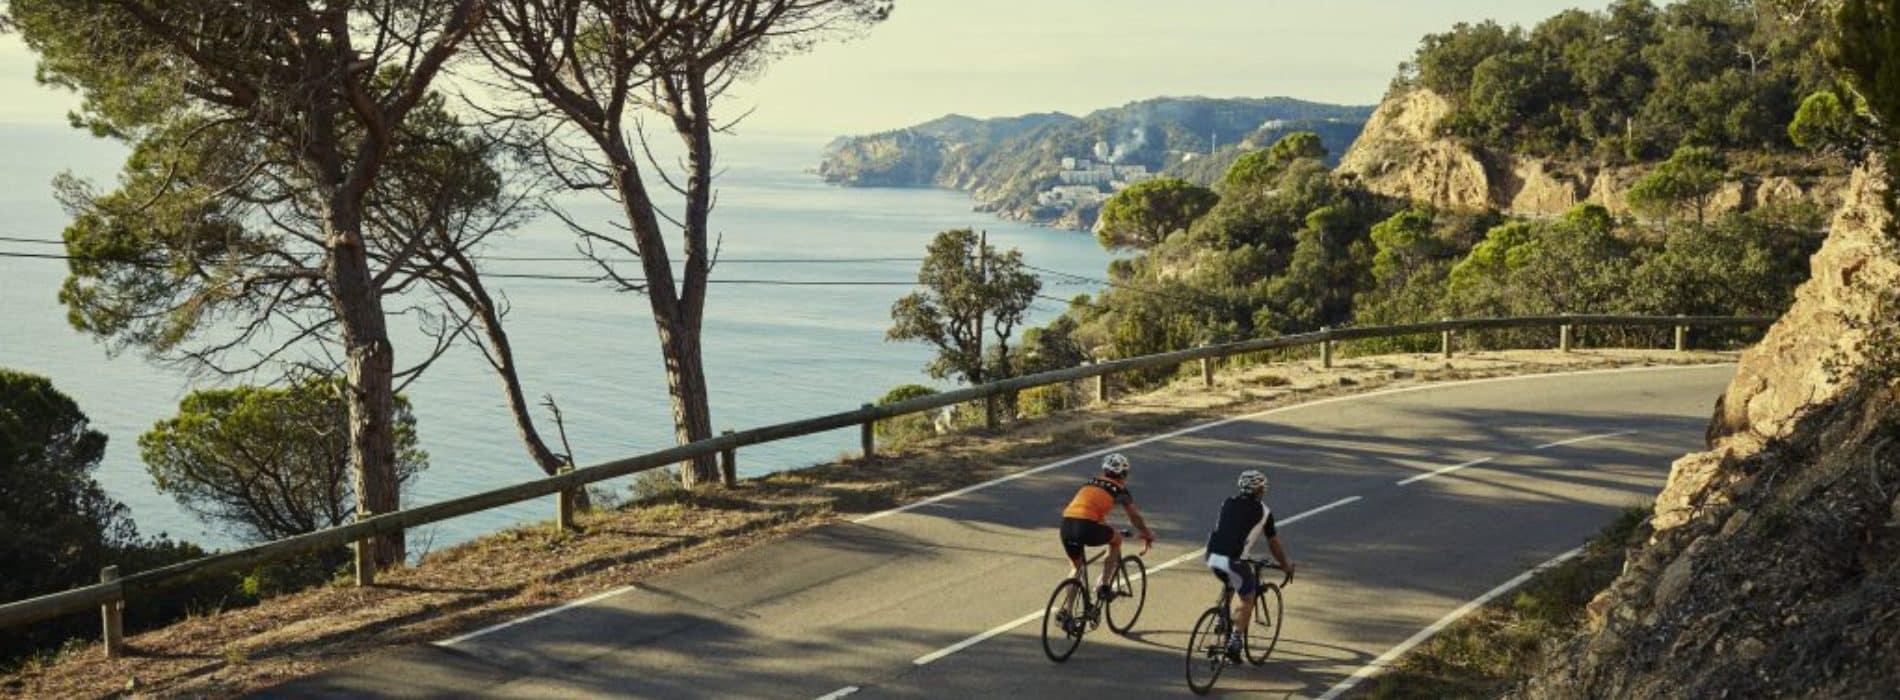 Séjour cycliste à Lloret de Mar   27 mars au 22 mai 2021